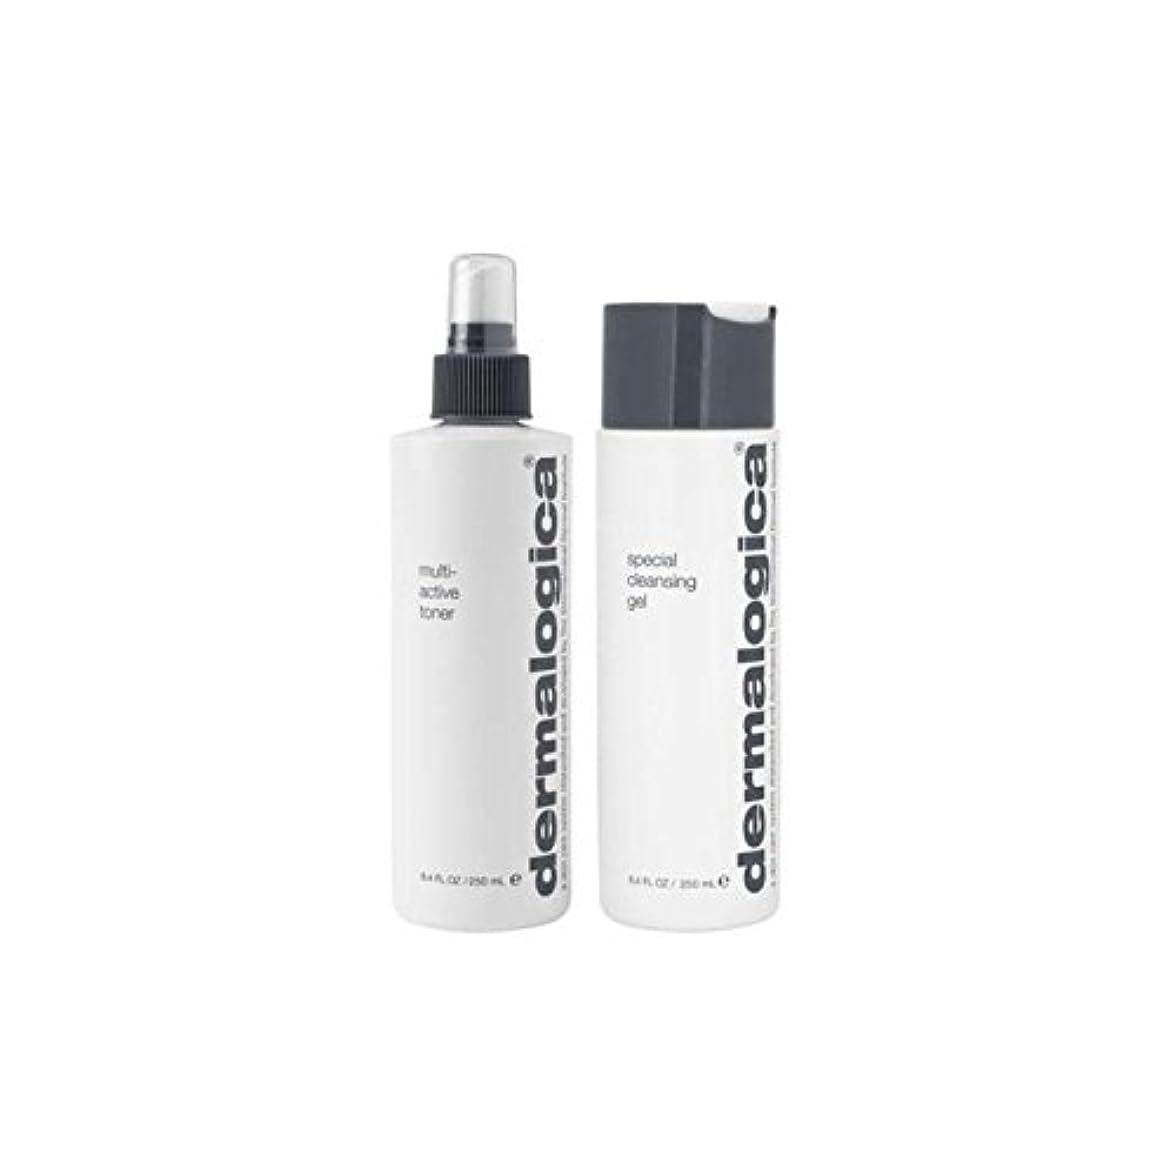 喜び組み合わせ歯ダーマロジカクレンジング&トーンデュオ - ノーマル/ドライスキン(2製品) x4 - Dermalogica Cleanse & Tone Duo - Normal/Dry Skin (2 Products) (Pack...